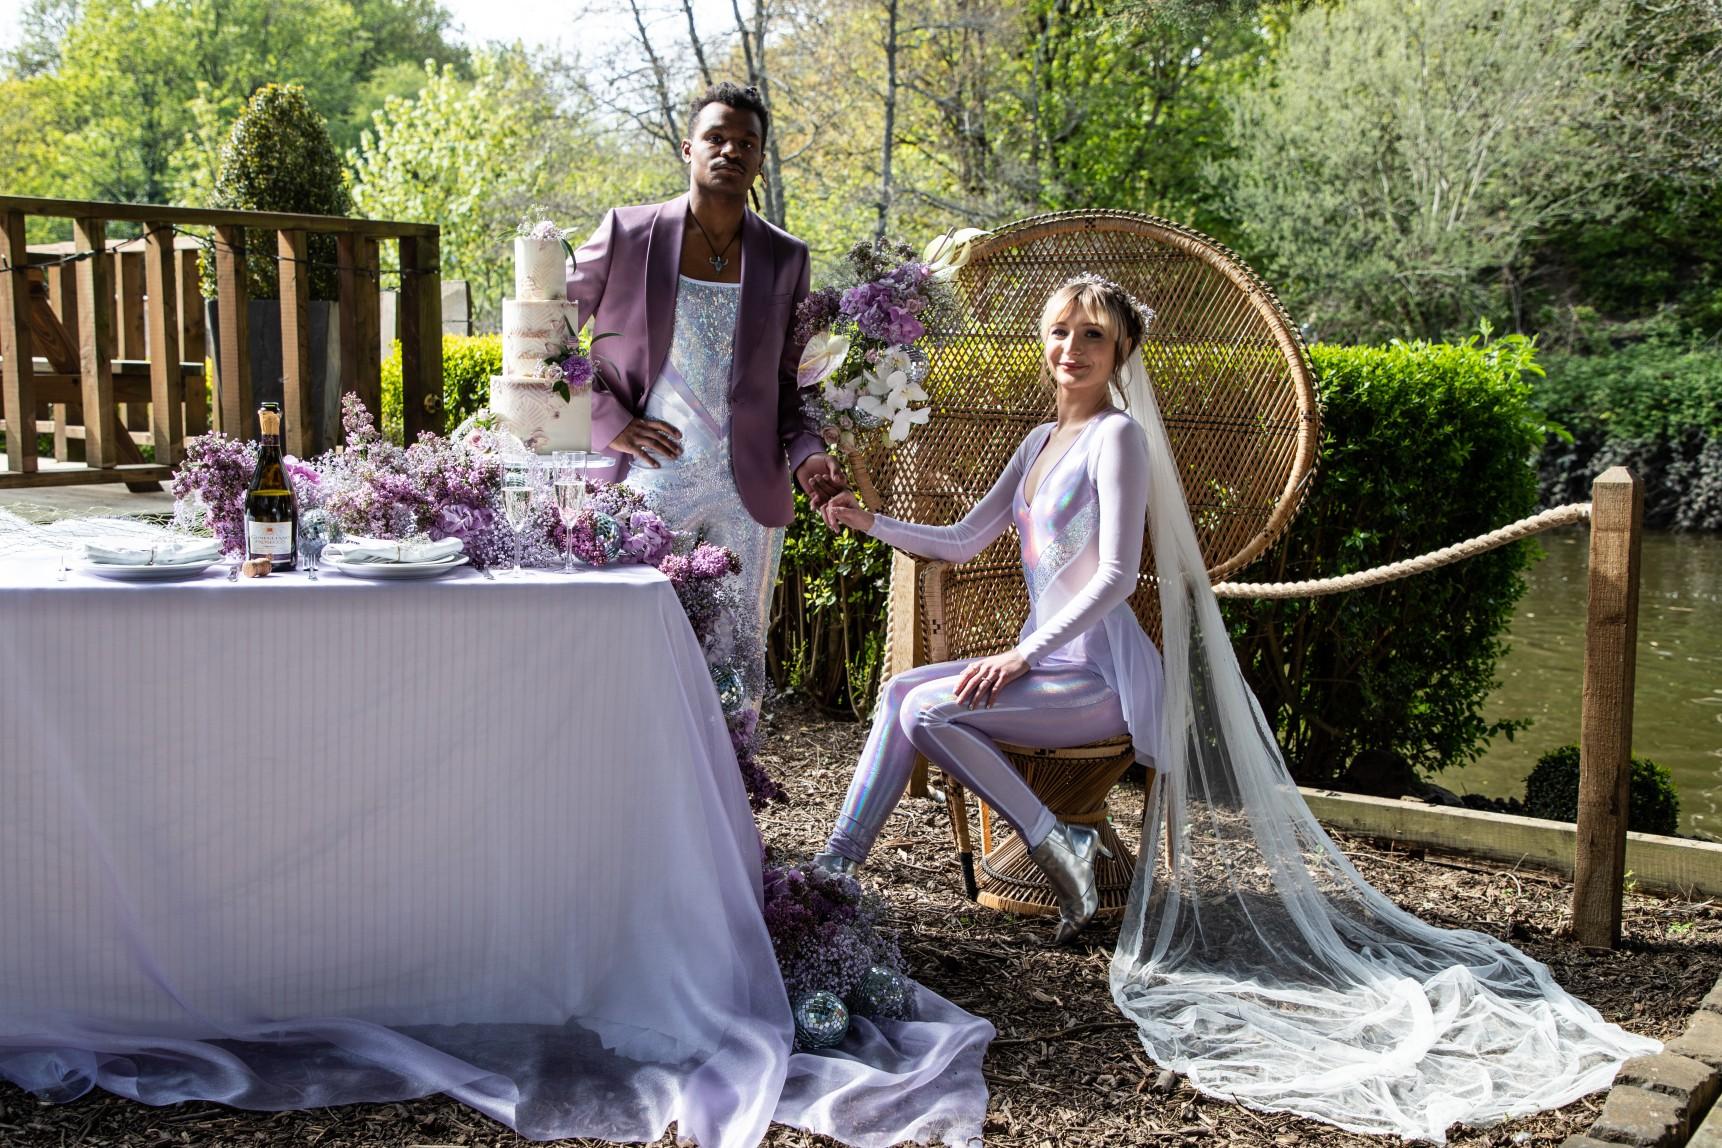 modern festival wedding - unique wedding wear - wedding jumpsuit - wedding catsuit - festival bride - unique wedding wear - unique wedding table - outdoor wedding styling - unconventional wedding